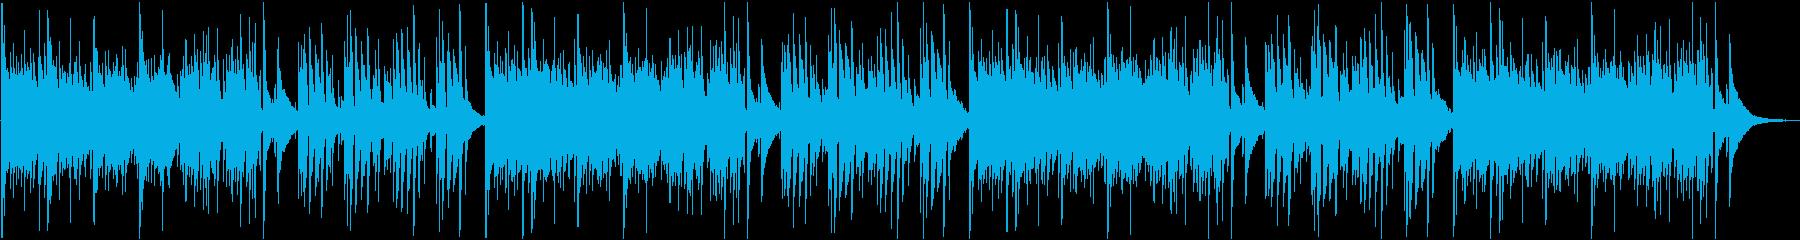 アコースティックギター 静かな 幻想的の再生済みの波形